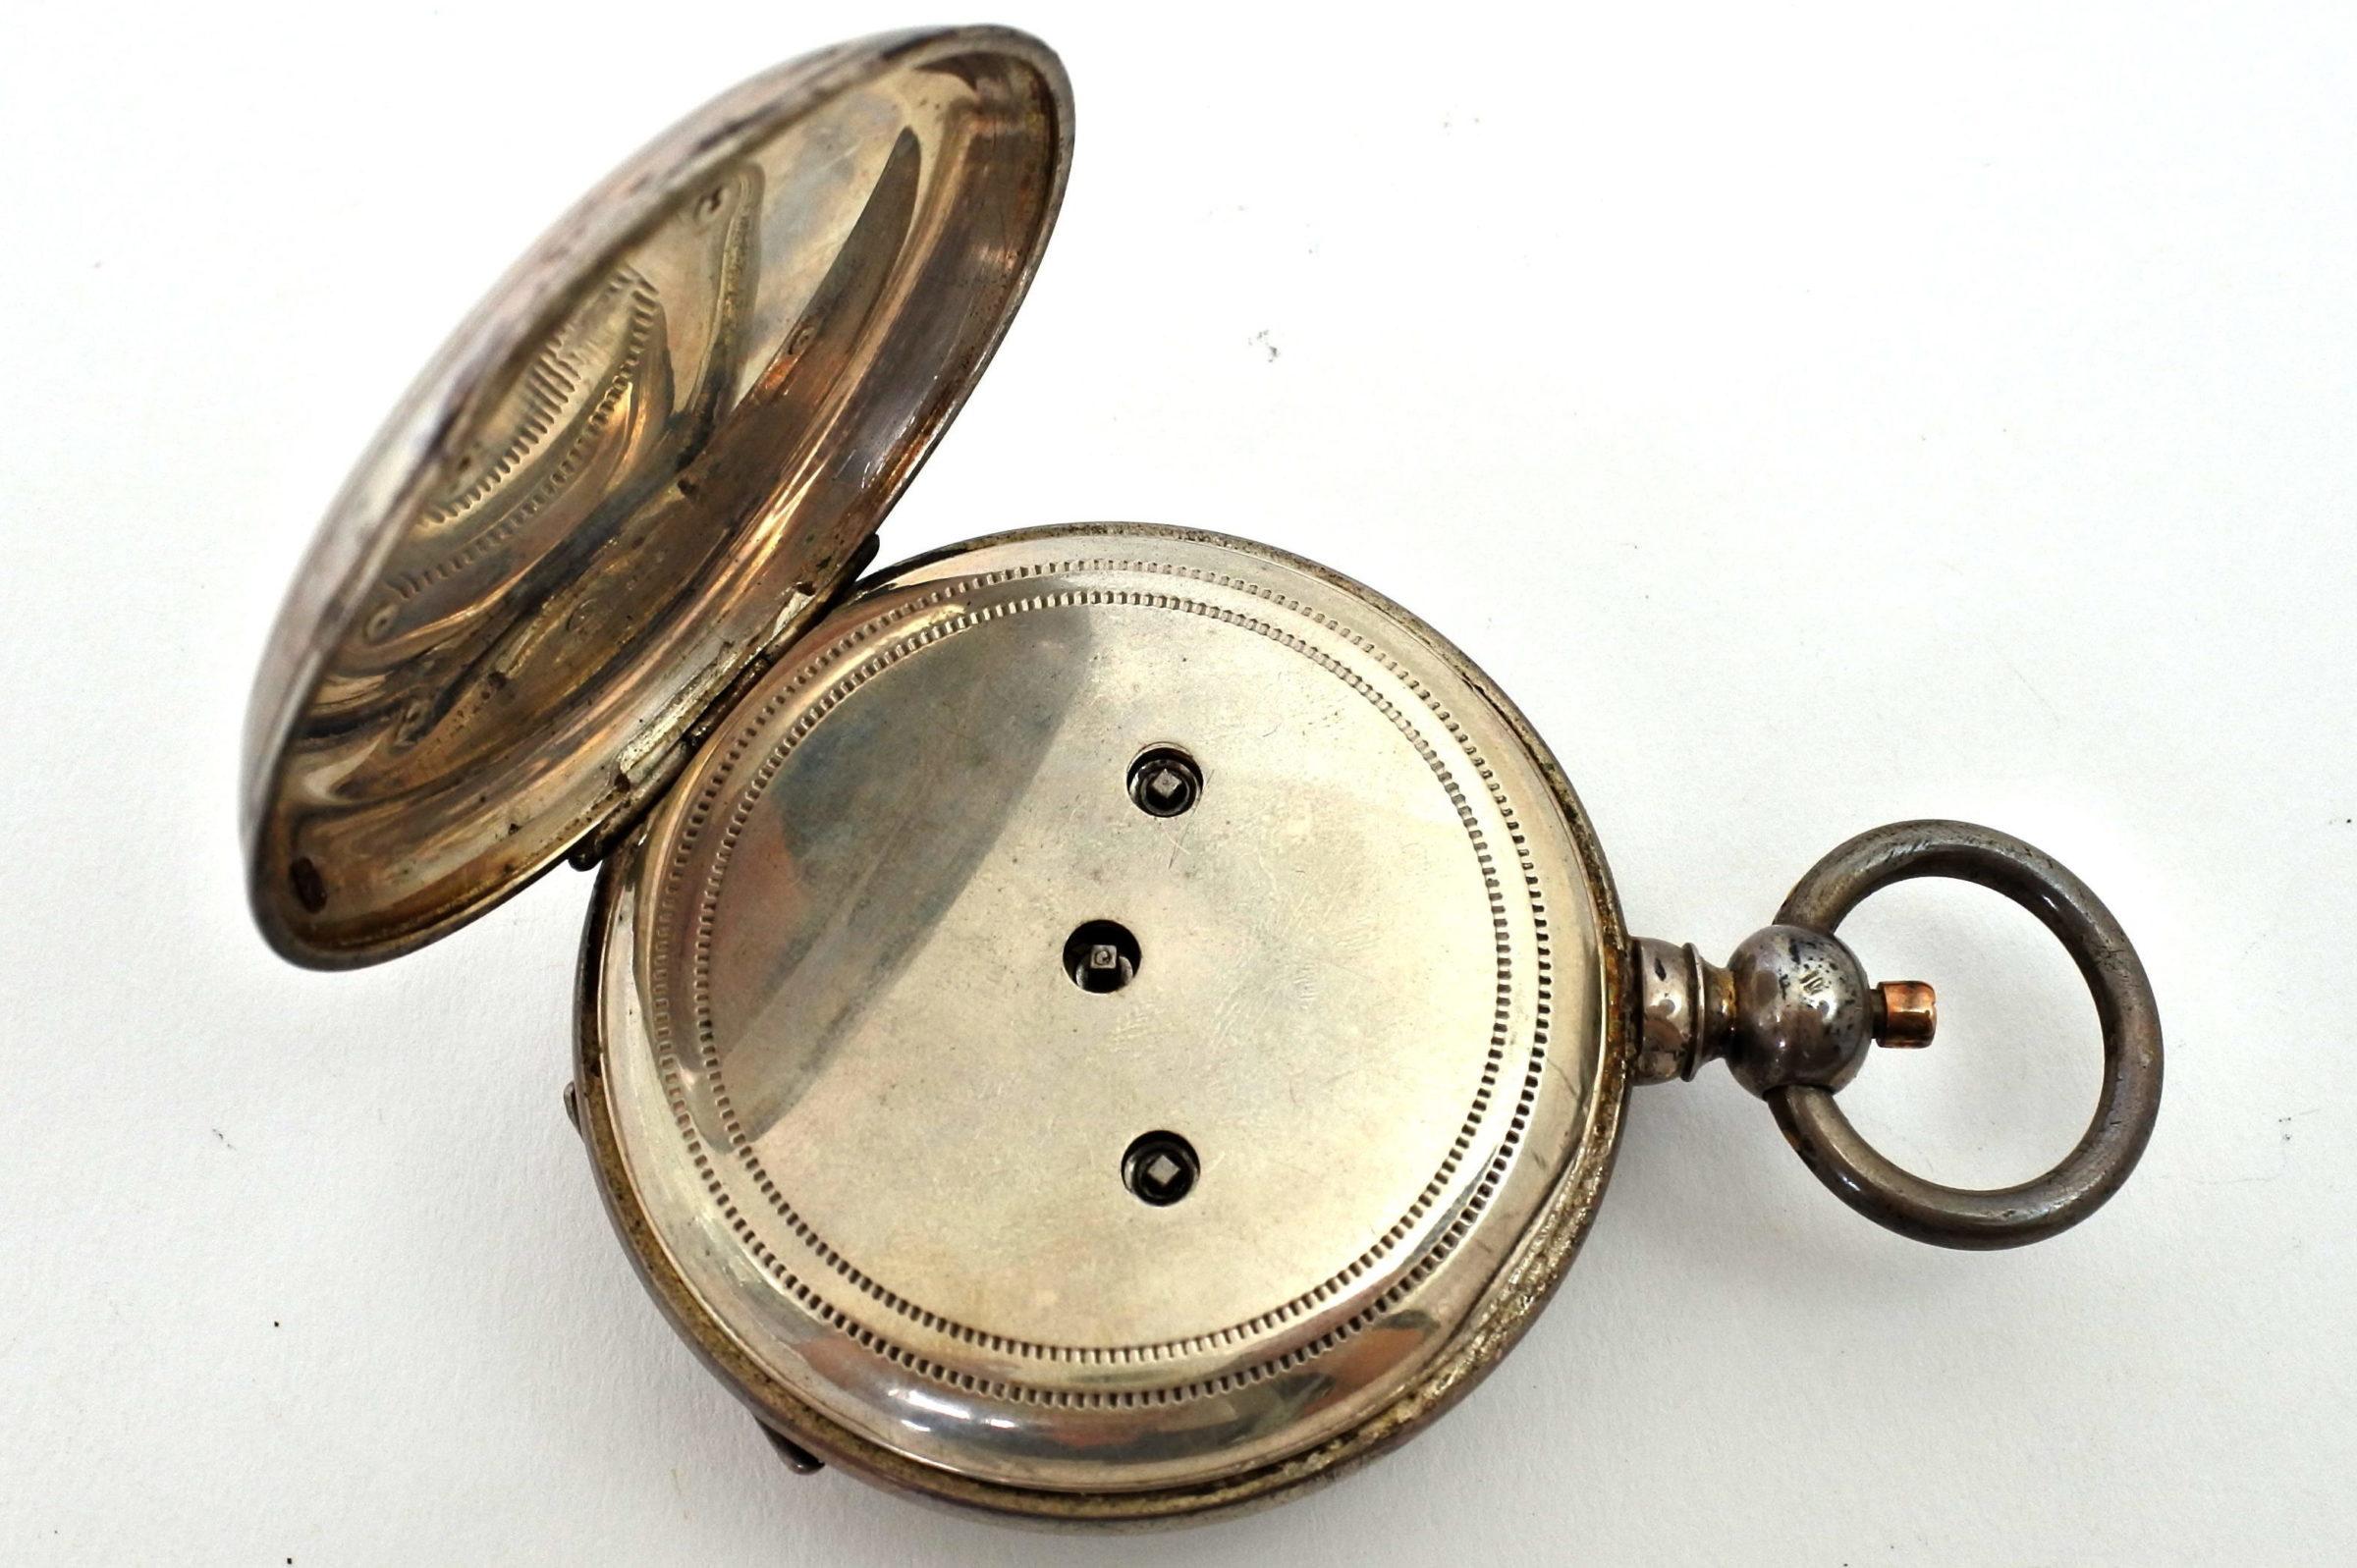 Orologio da tasca in argento con carica a chiavetta. Diametro cassa 55 mm - 2